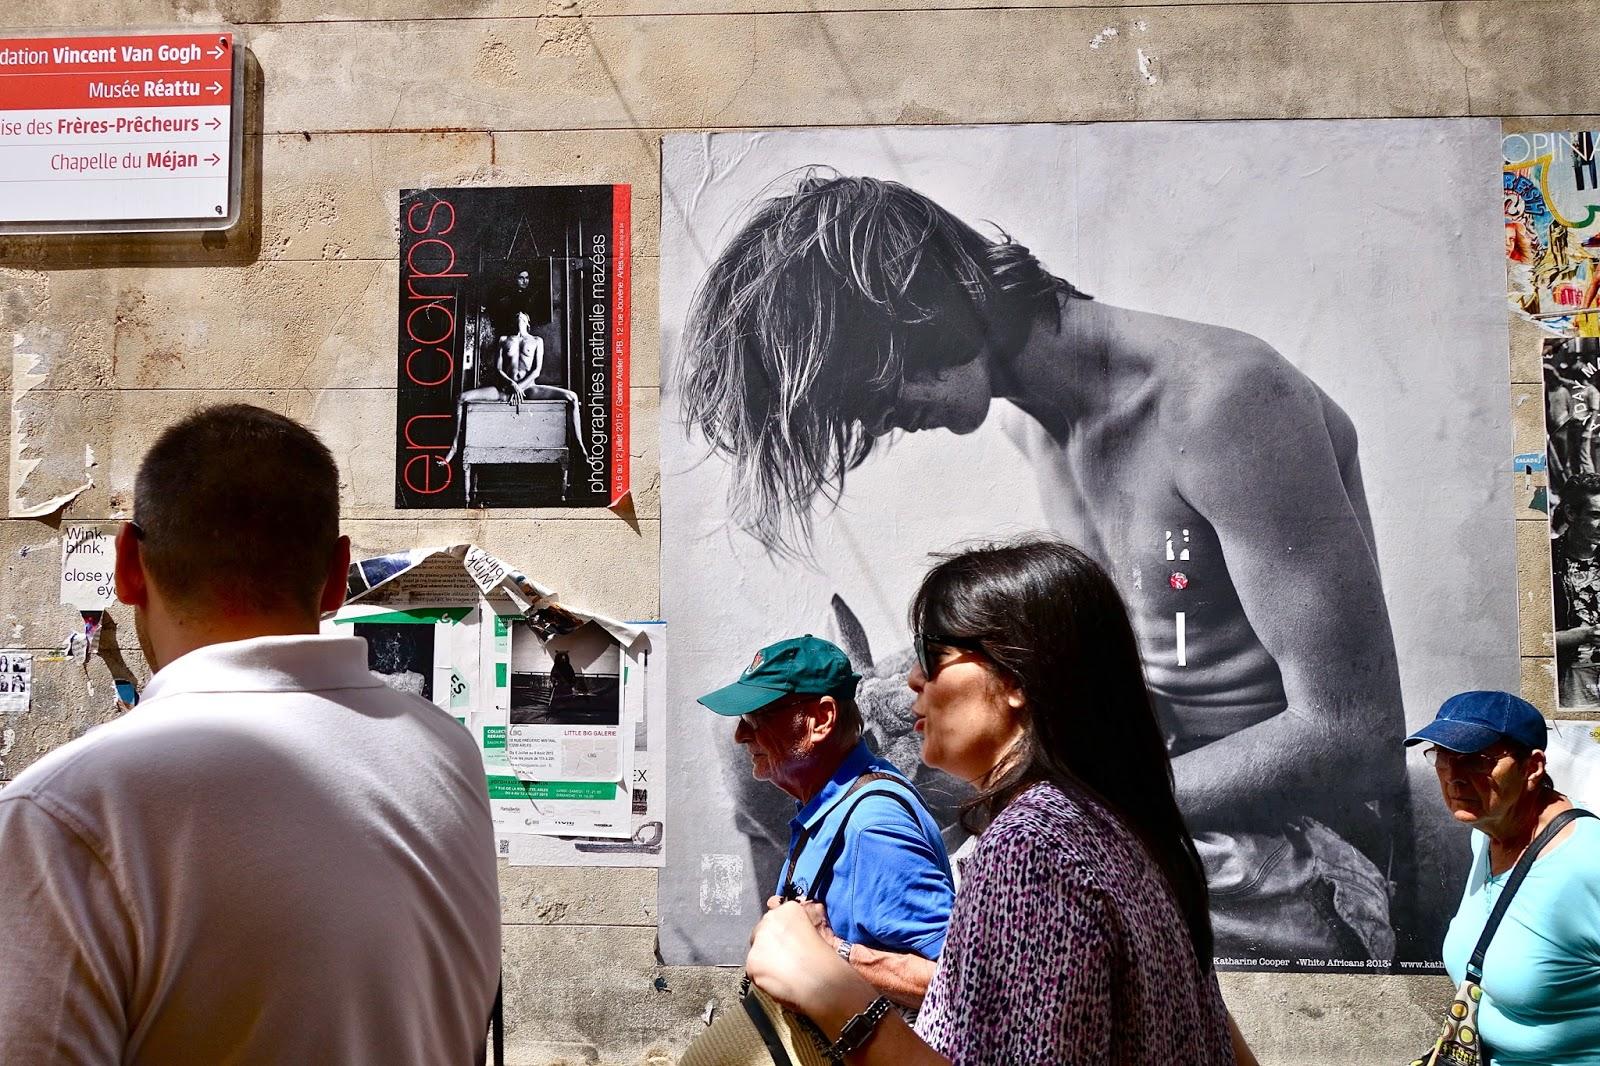 rencontre gay toulouse à Arles